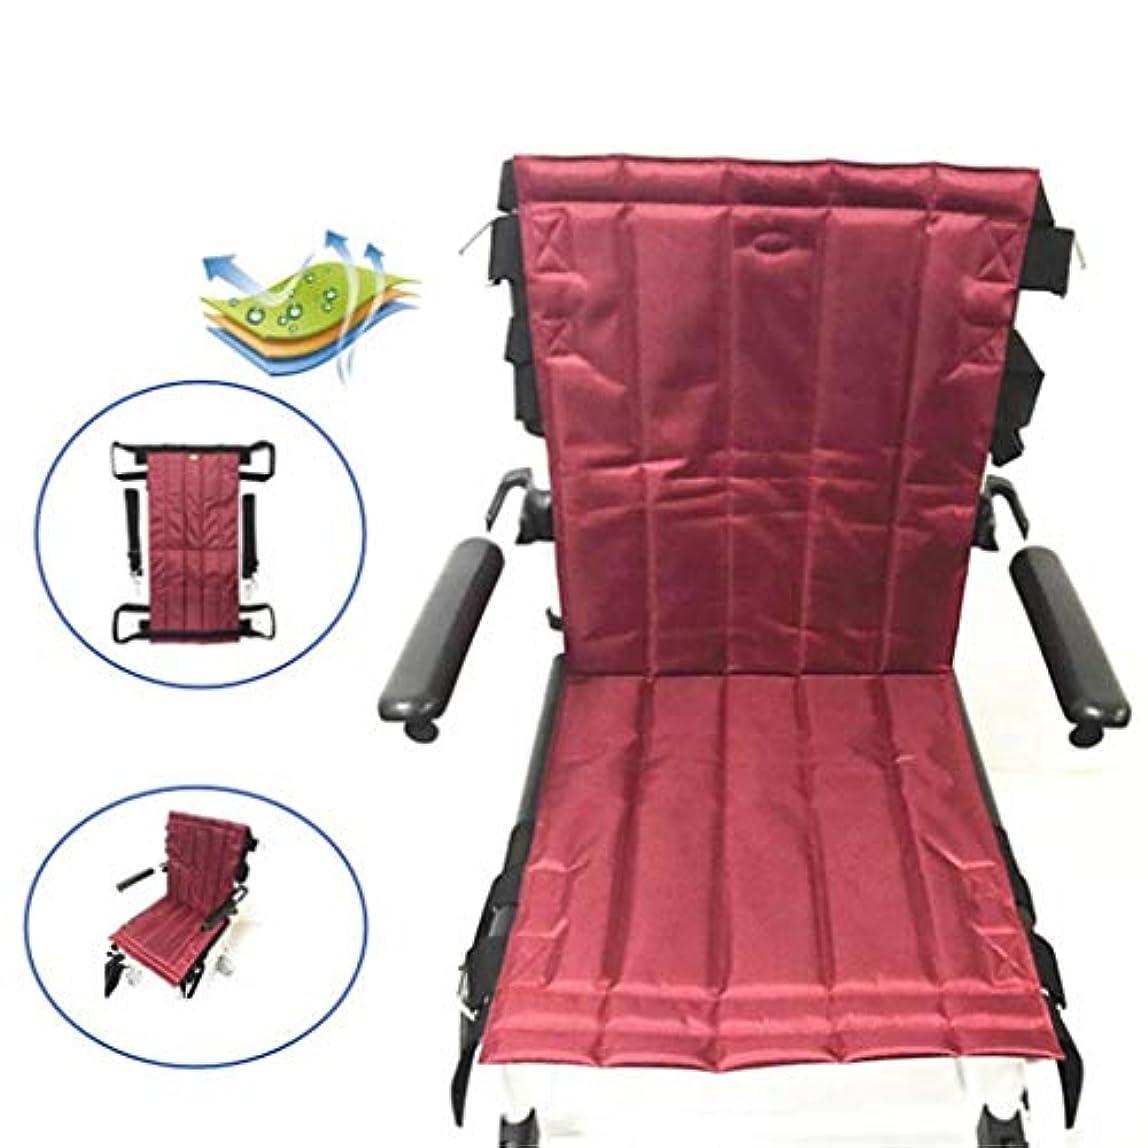 連帯アルファベット日患者リフト階段スライドボード移動緊急避難用椅子車椅子シートベルト安全全身医療用リフティングスリングスライディング移動ディスク使用高齢者用